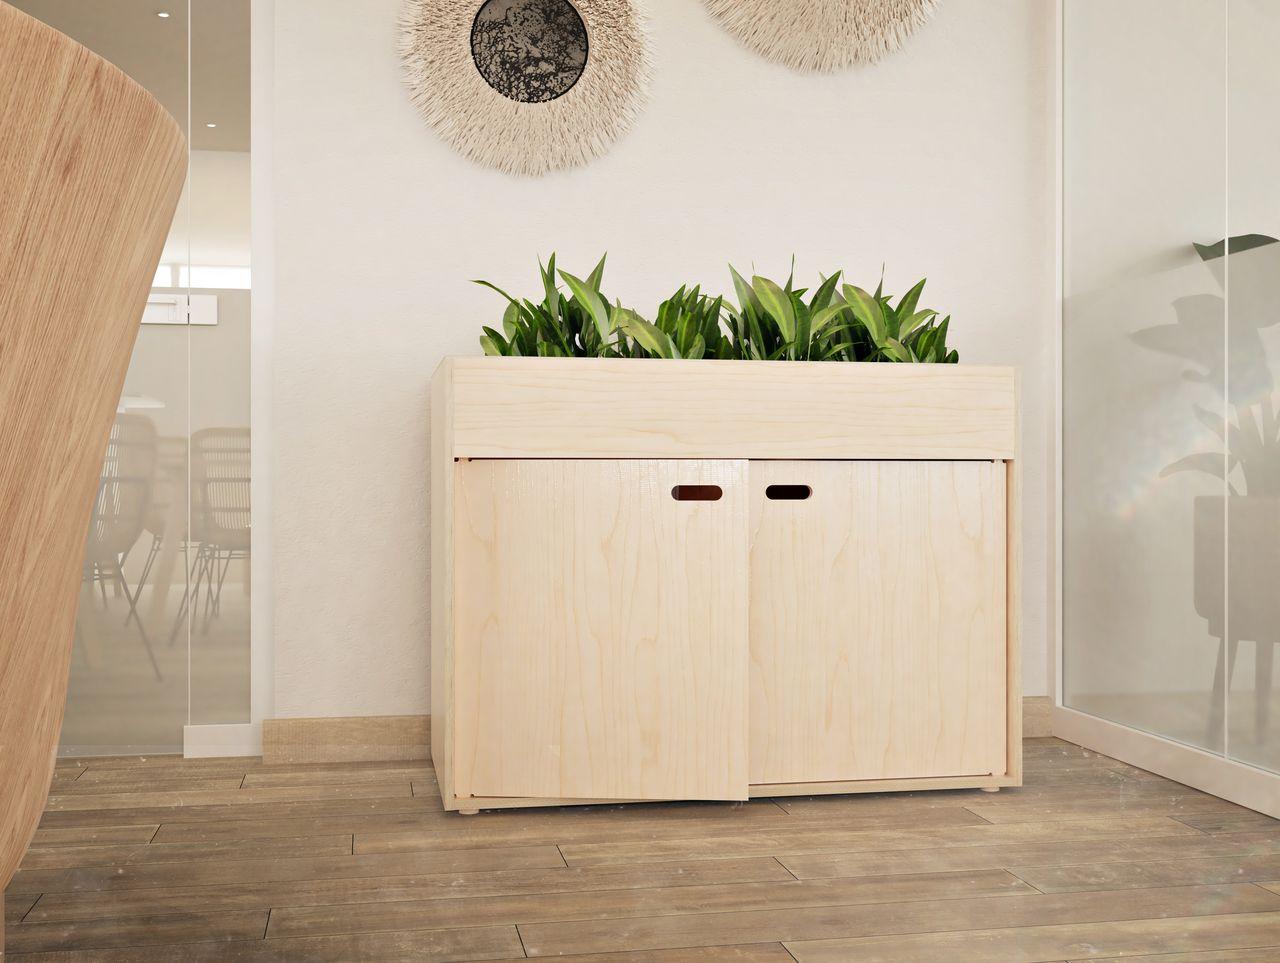 Meuble de rangement avec 2 portes personnalisées avec une gravure au nom de l'entreprise LOUIS et accessoirisé d'un bac à plante verte apportant un peu de couleur et de personnalité à cette salle de réunion au style bohème aux tons neutres